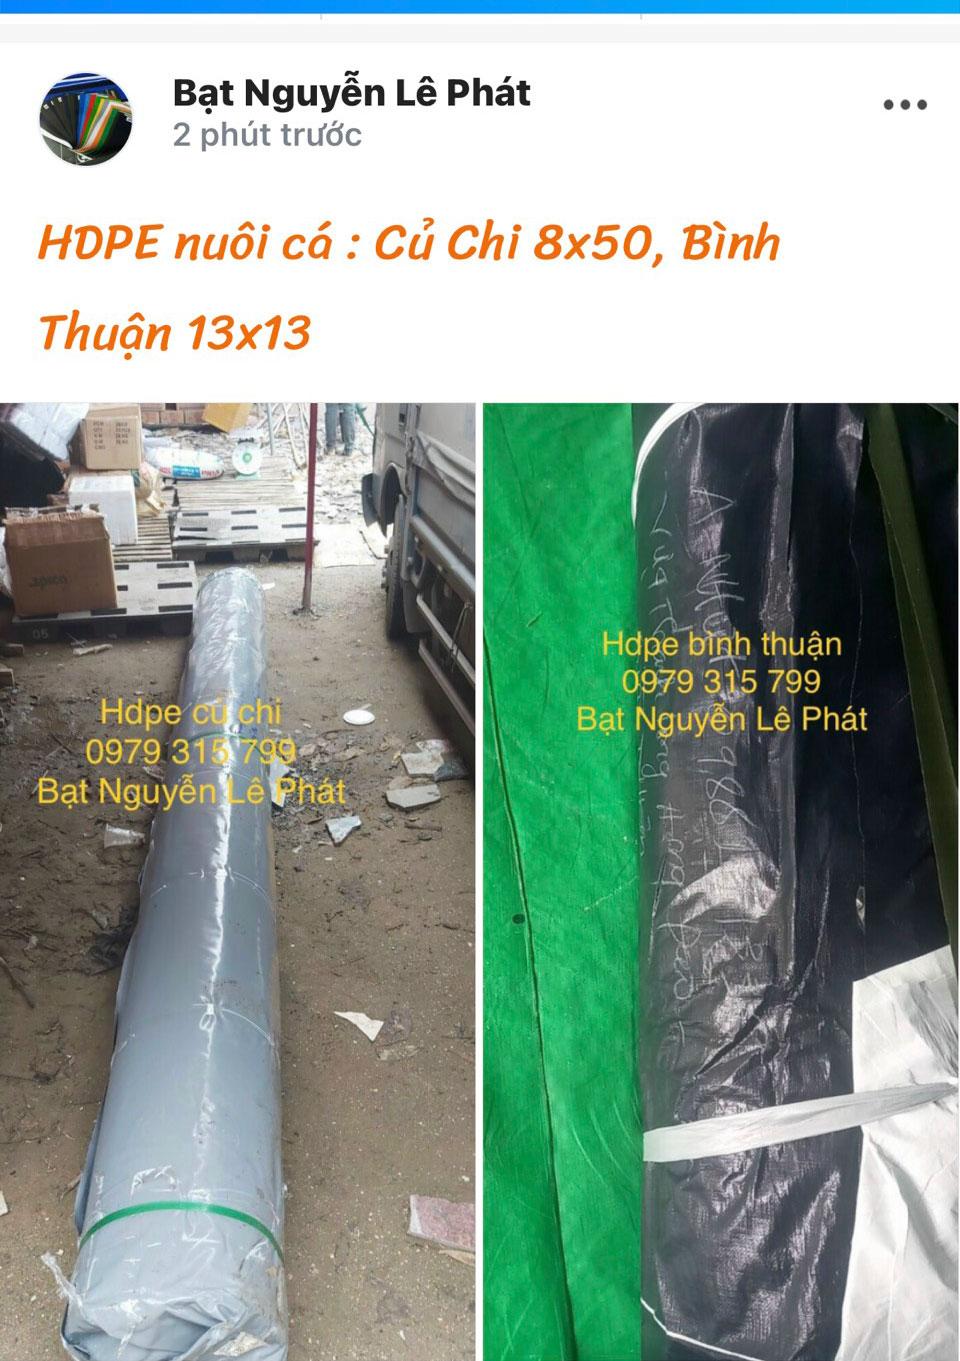 Bạt Nhựa HDPE Lót Hồ Chứa Nước Nuôi Cá Tôm Quy Nhơn Bình Định